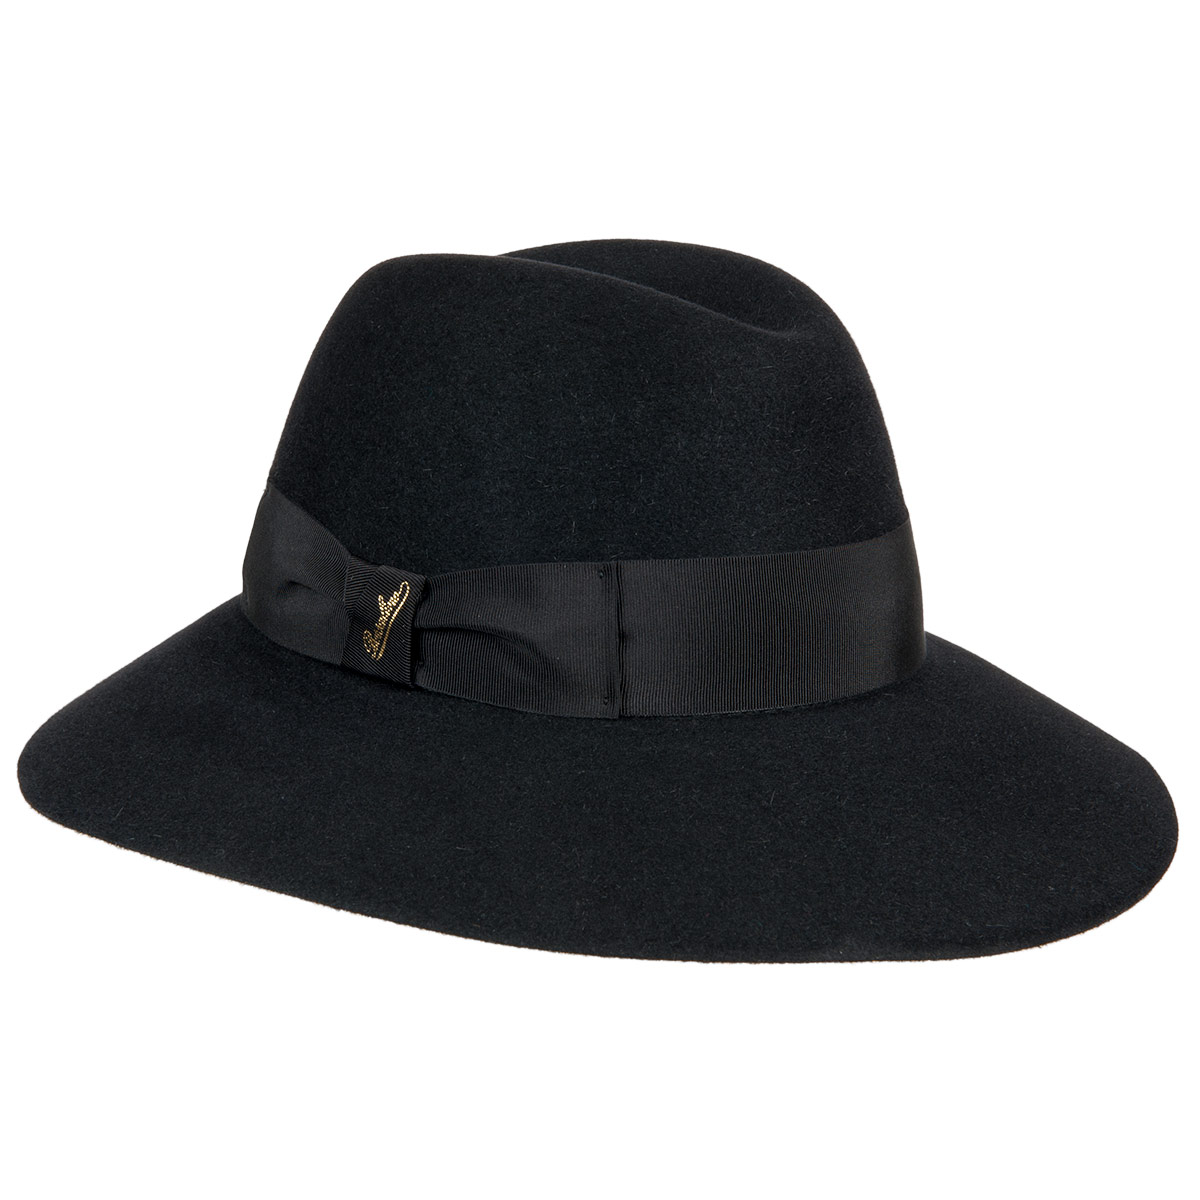 cappello da donna Claudette con tesa larga firmato BORSALINO ... cdda910b41a6